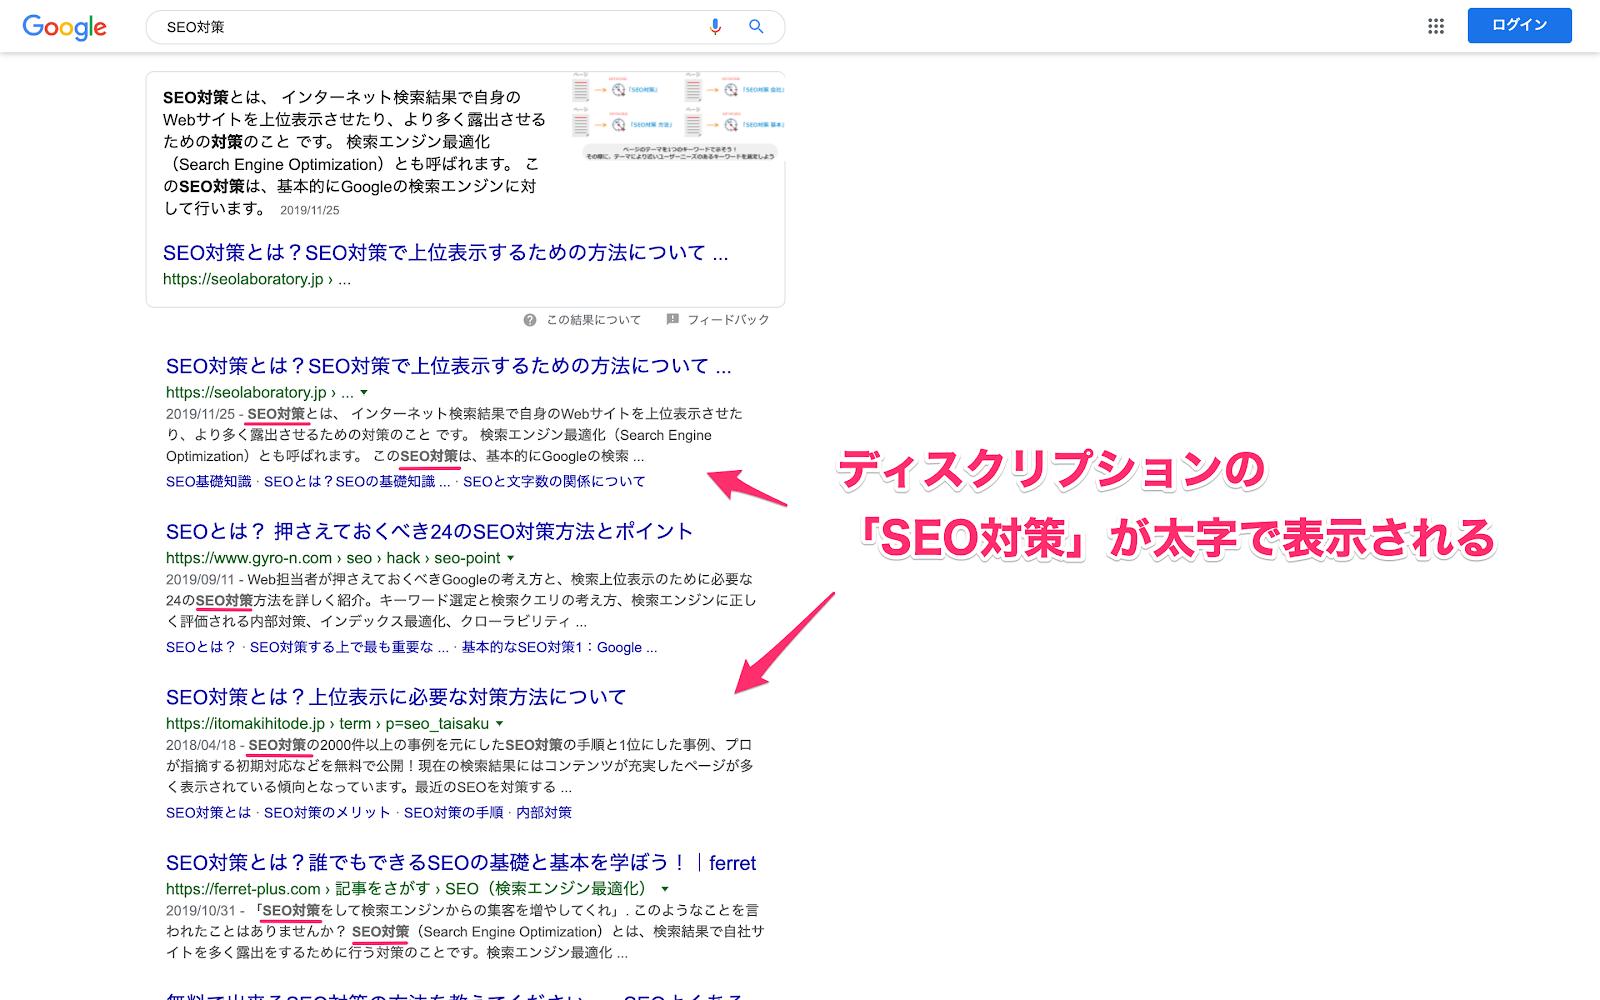 事例:「SEO対策」で検索